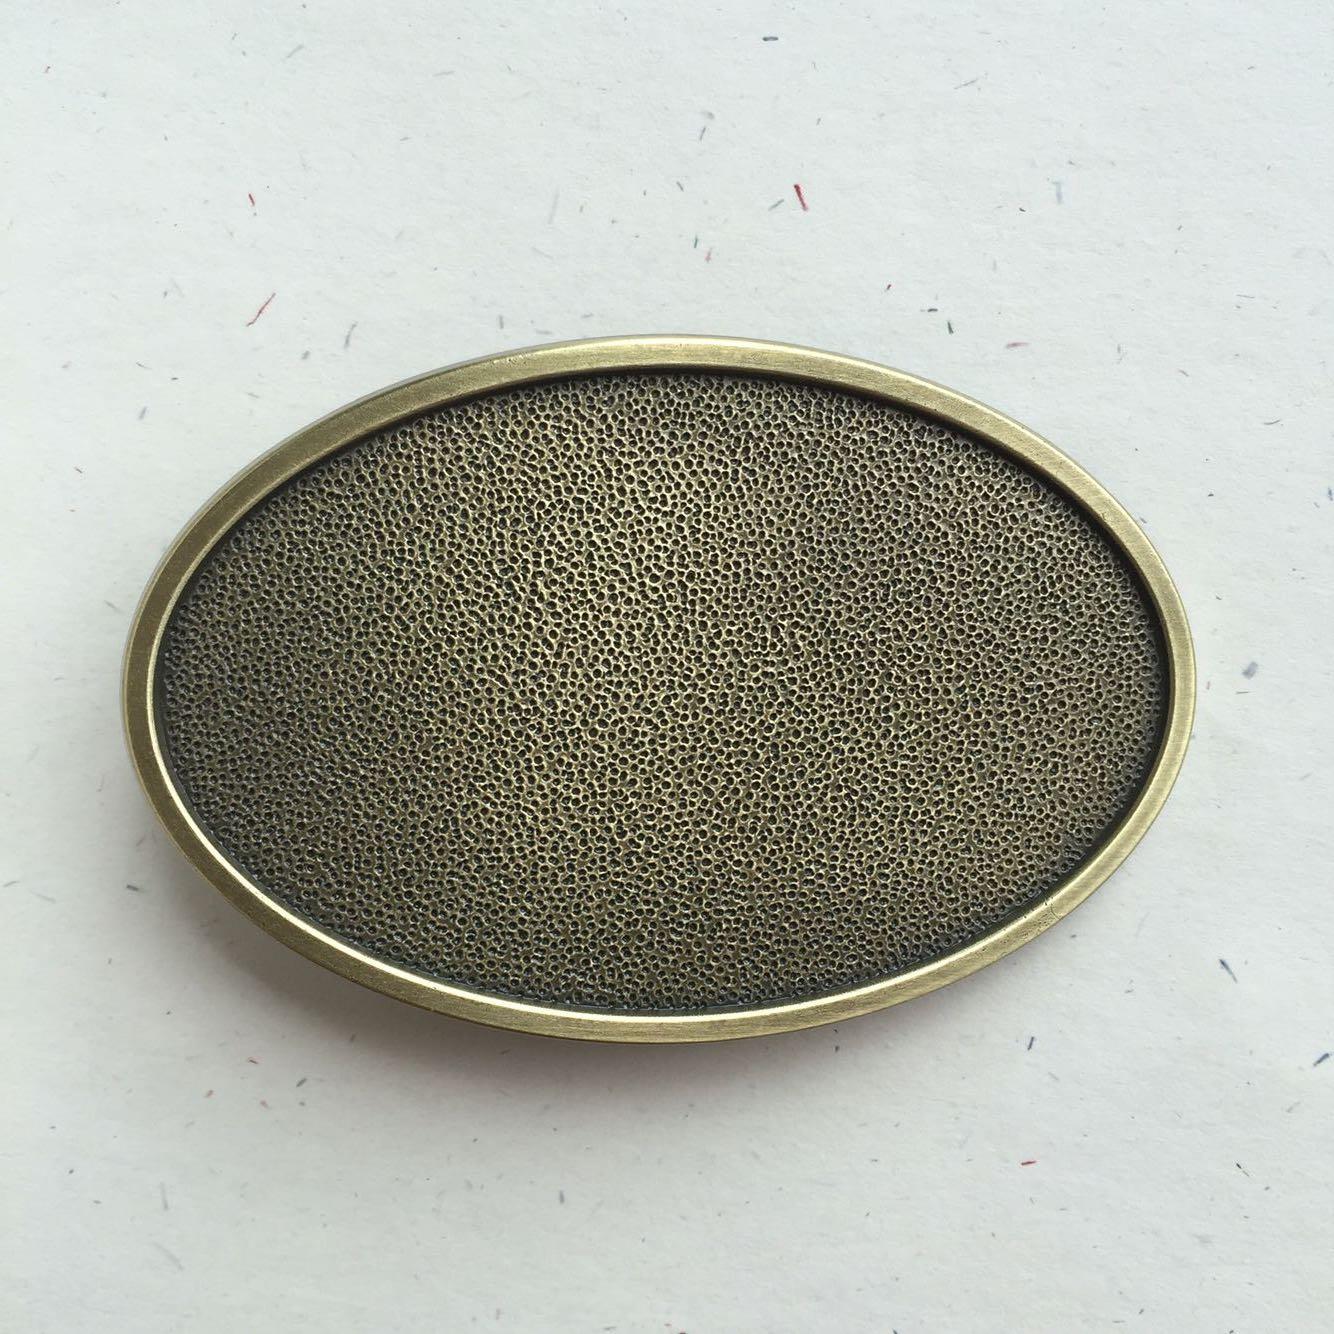 Boucle de ceinture vierge personnalisable ovale bronze - Boucle-de ... 6a5d12e2d7e